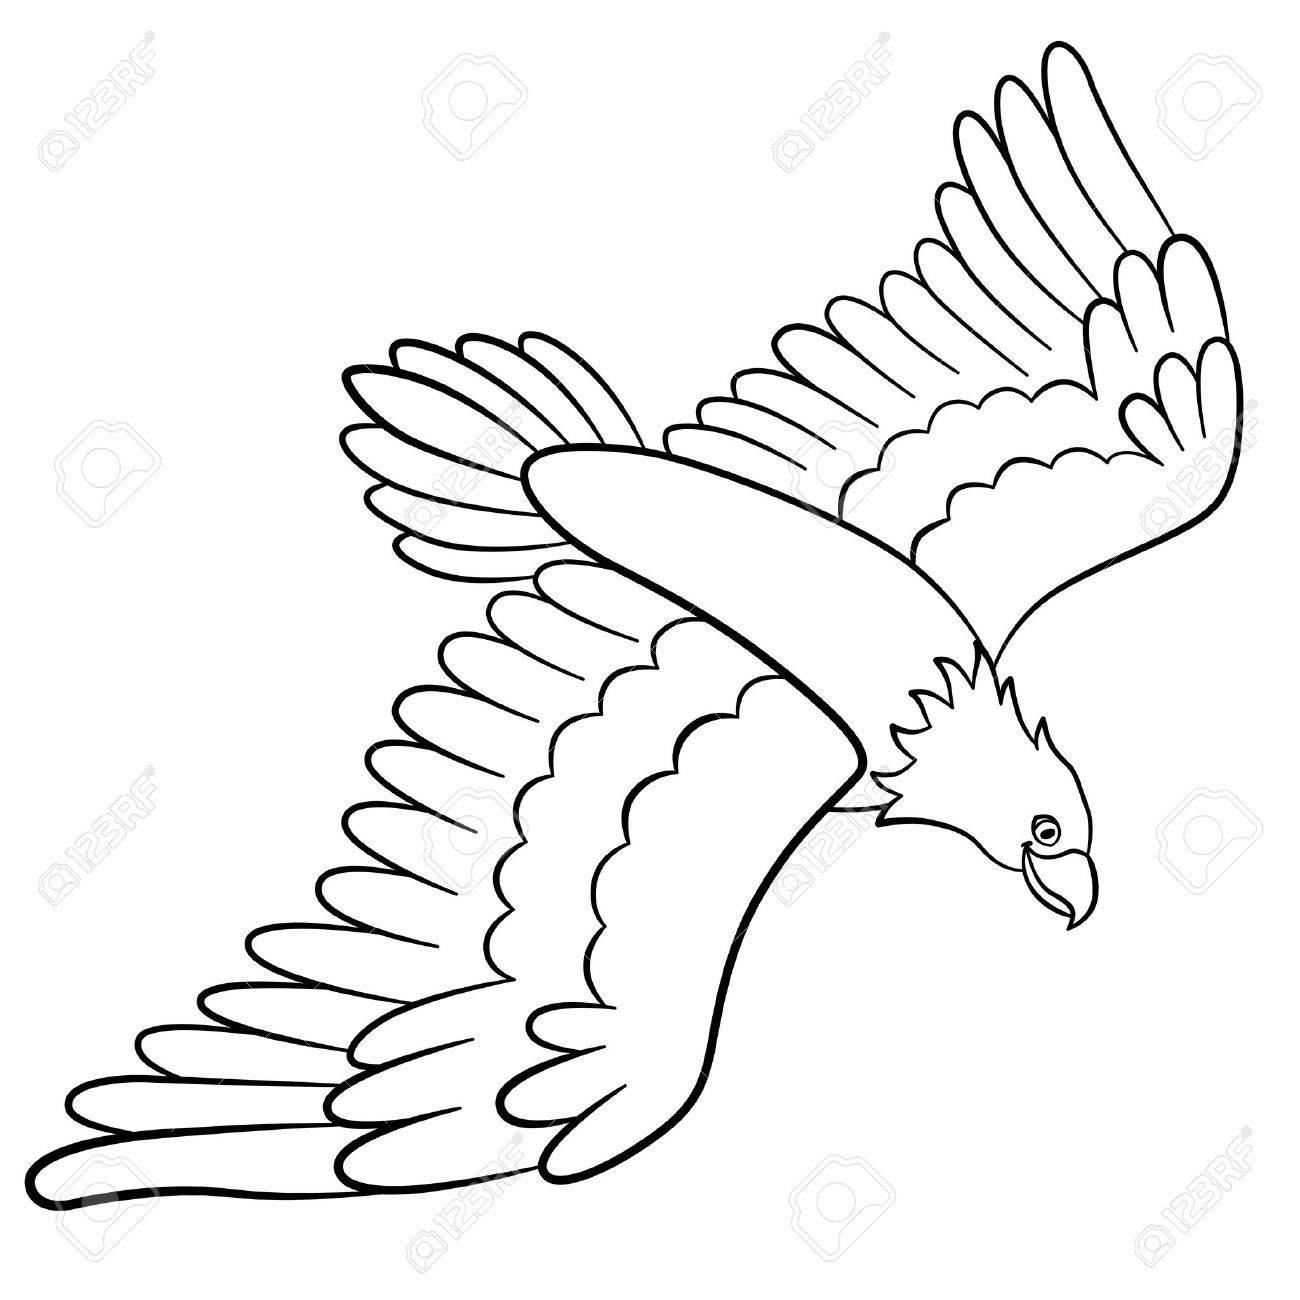 Malvorlagen. Wilde Vögel. Netter Adler Fliegt Und Lächelt ...